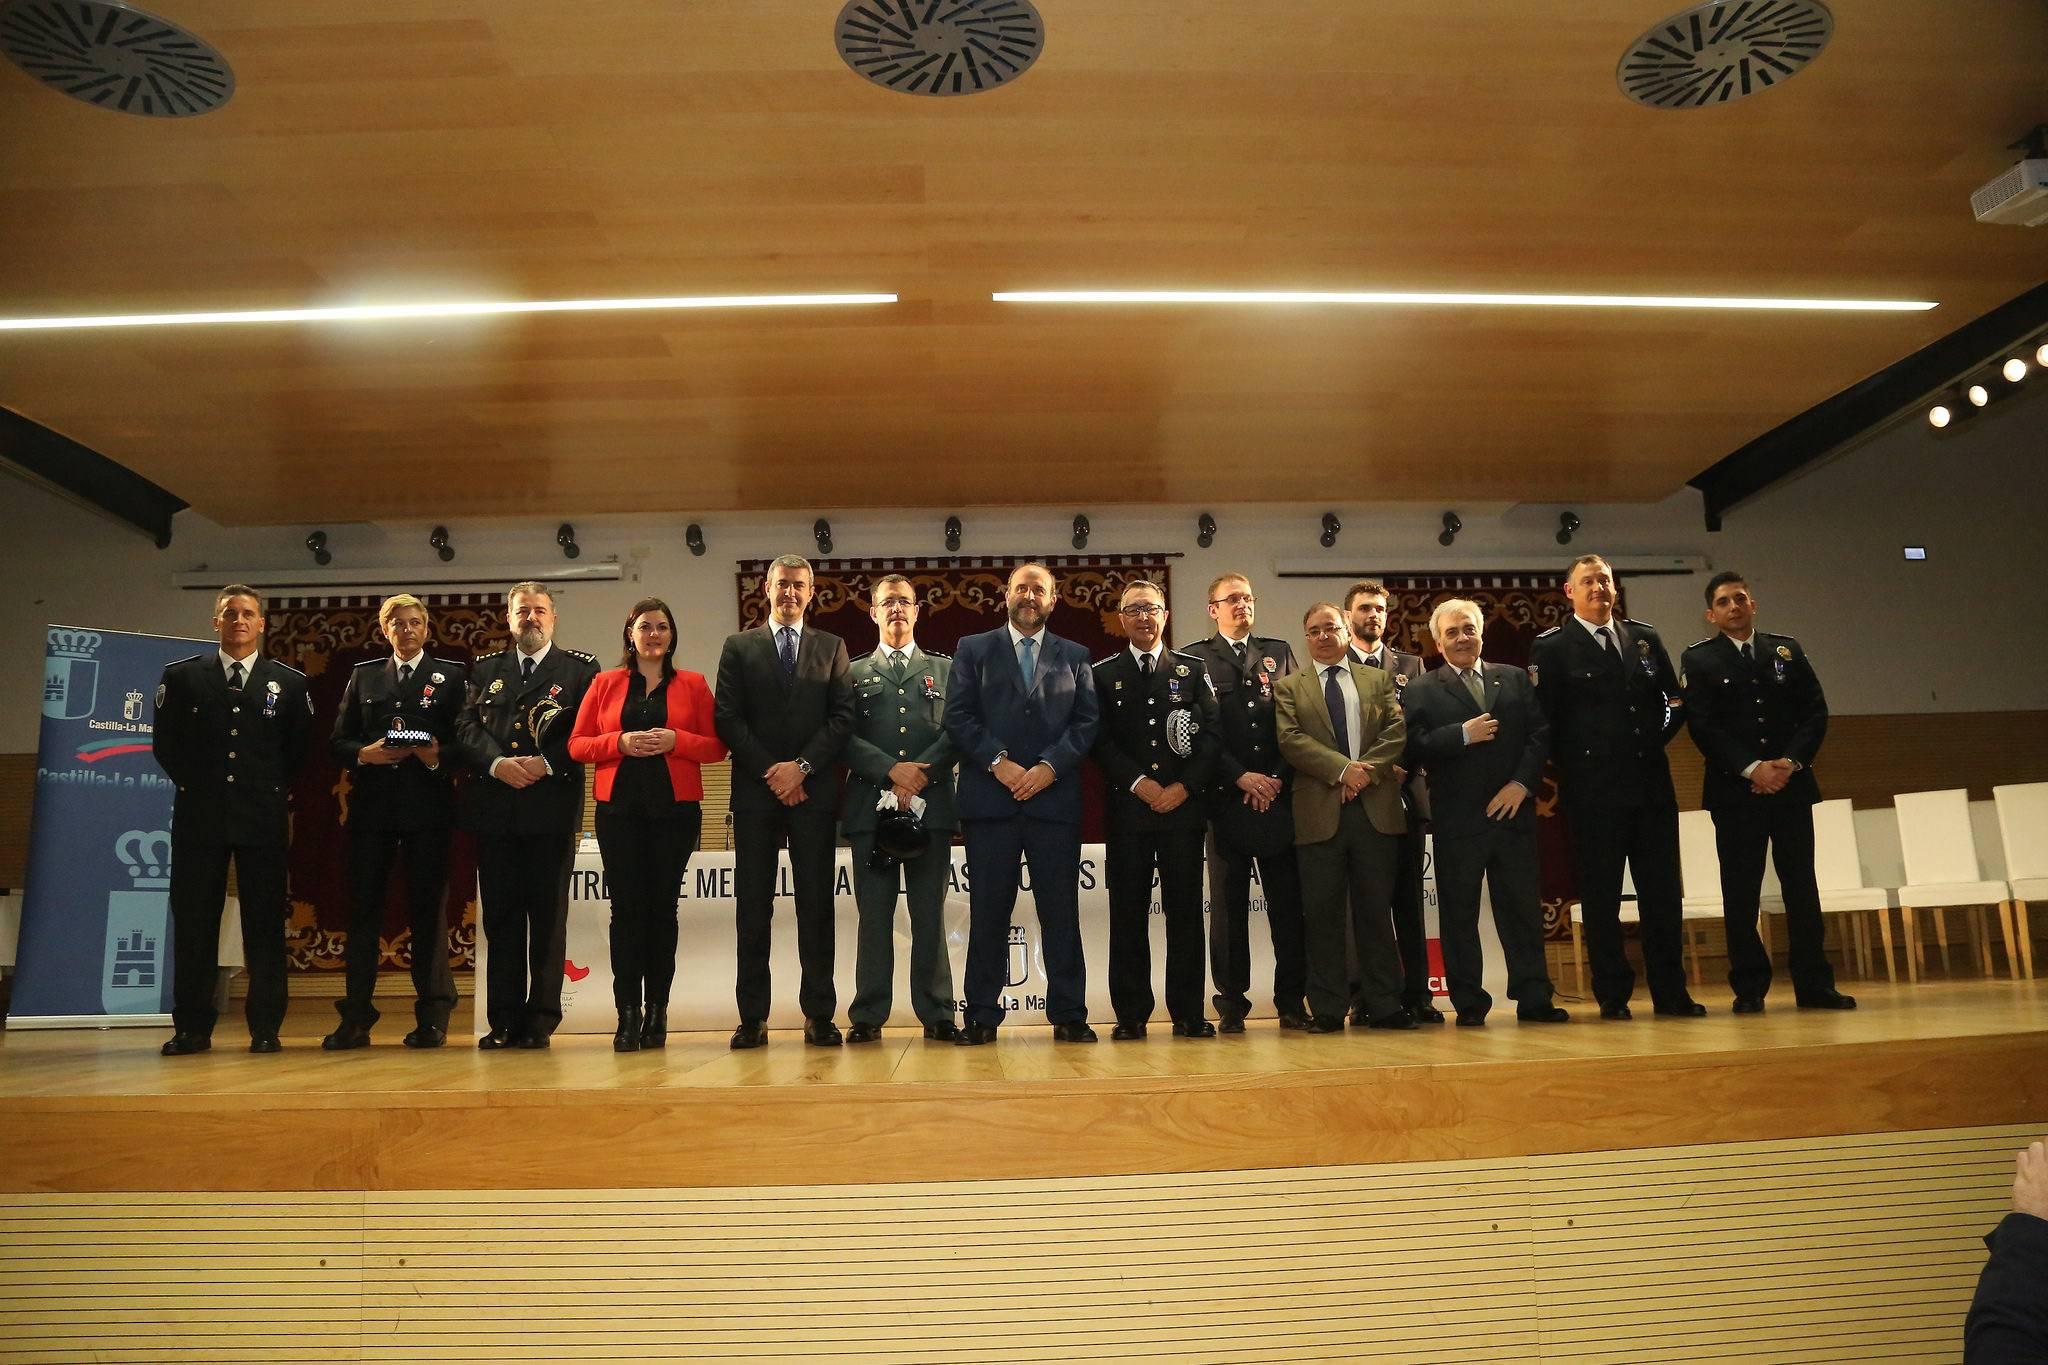 carta marco de servicios policiales en evento entrega medallas - El Gobierno regional elaborará una Carta Marco de Servicios Policiales